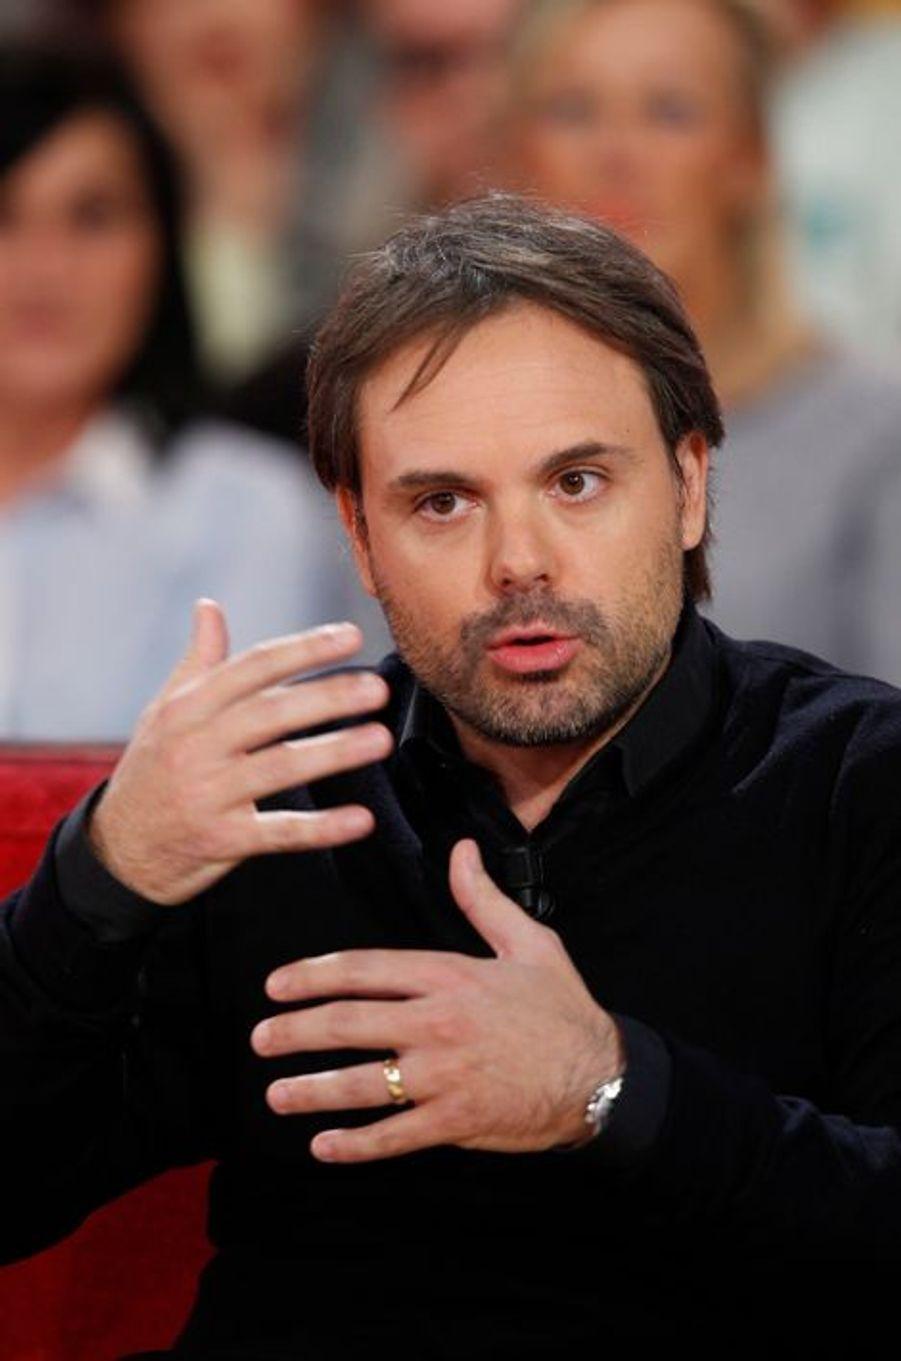 Romain Sardou lors de l'enregistrement de Vivement Dimanche Victor Lanoux, le 12 novembre 2014